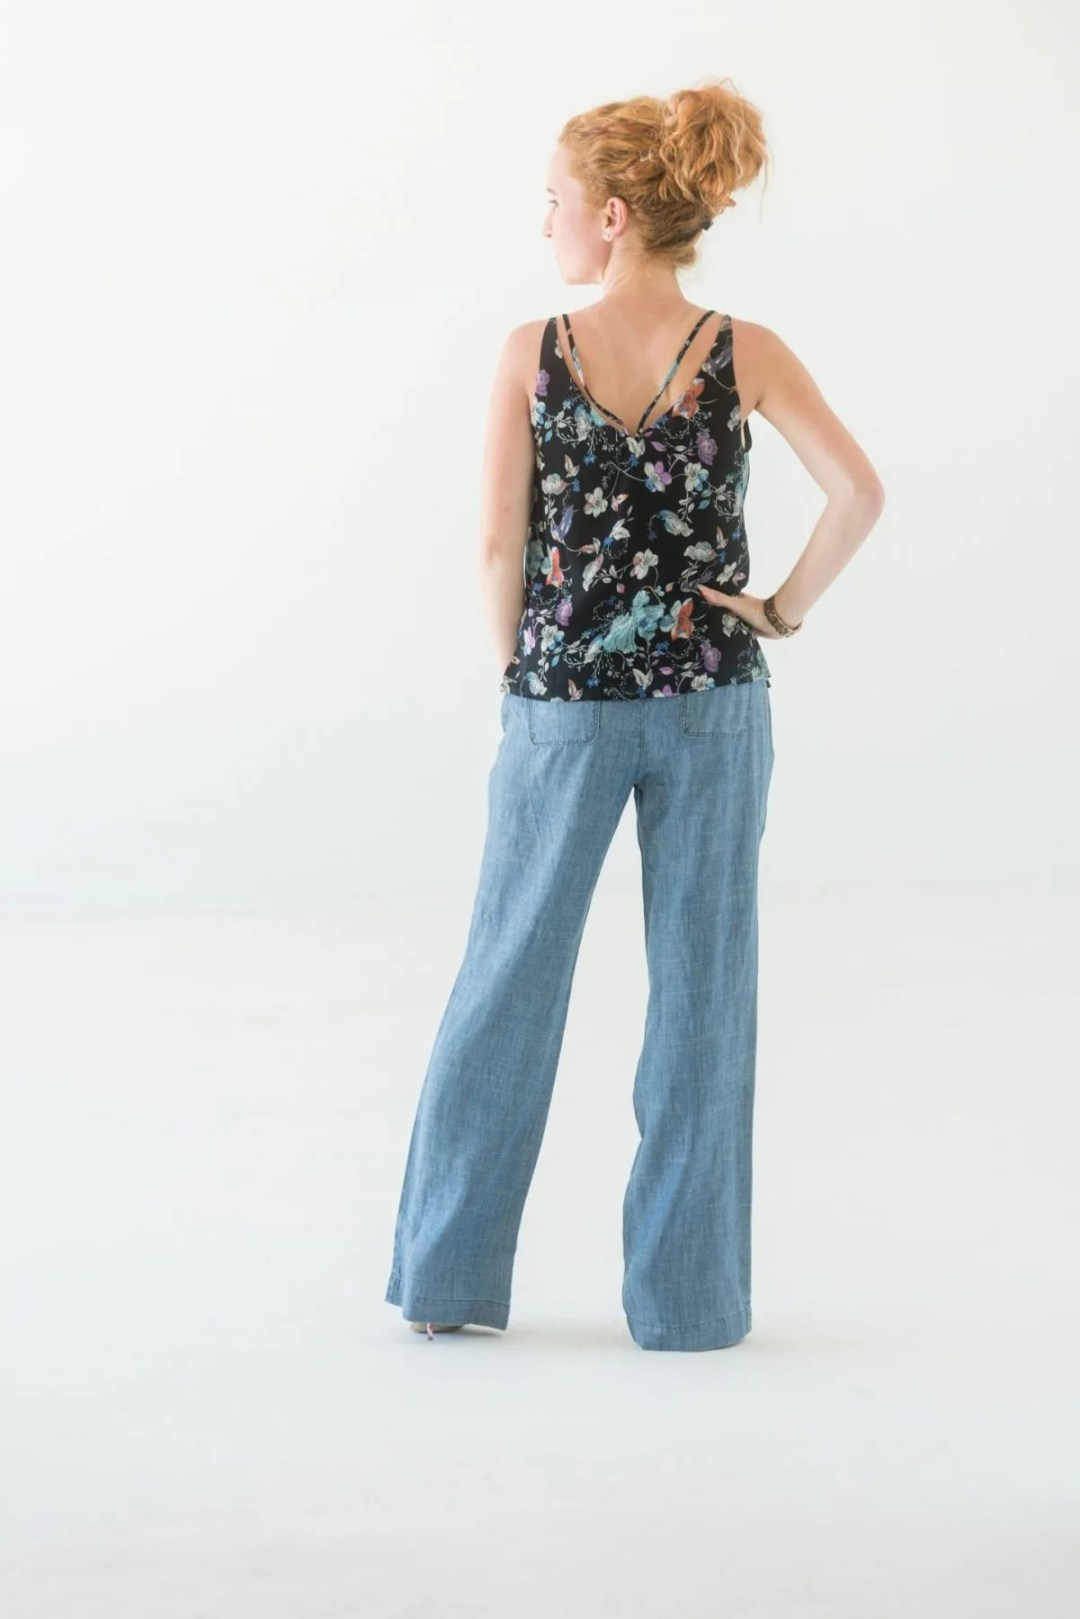 Spring Wardrobe Update